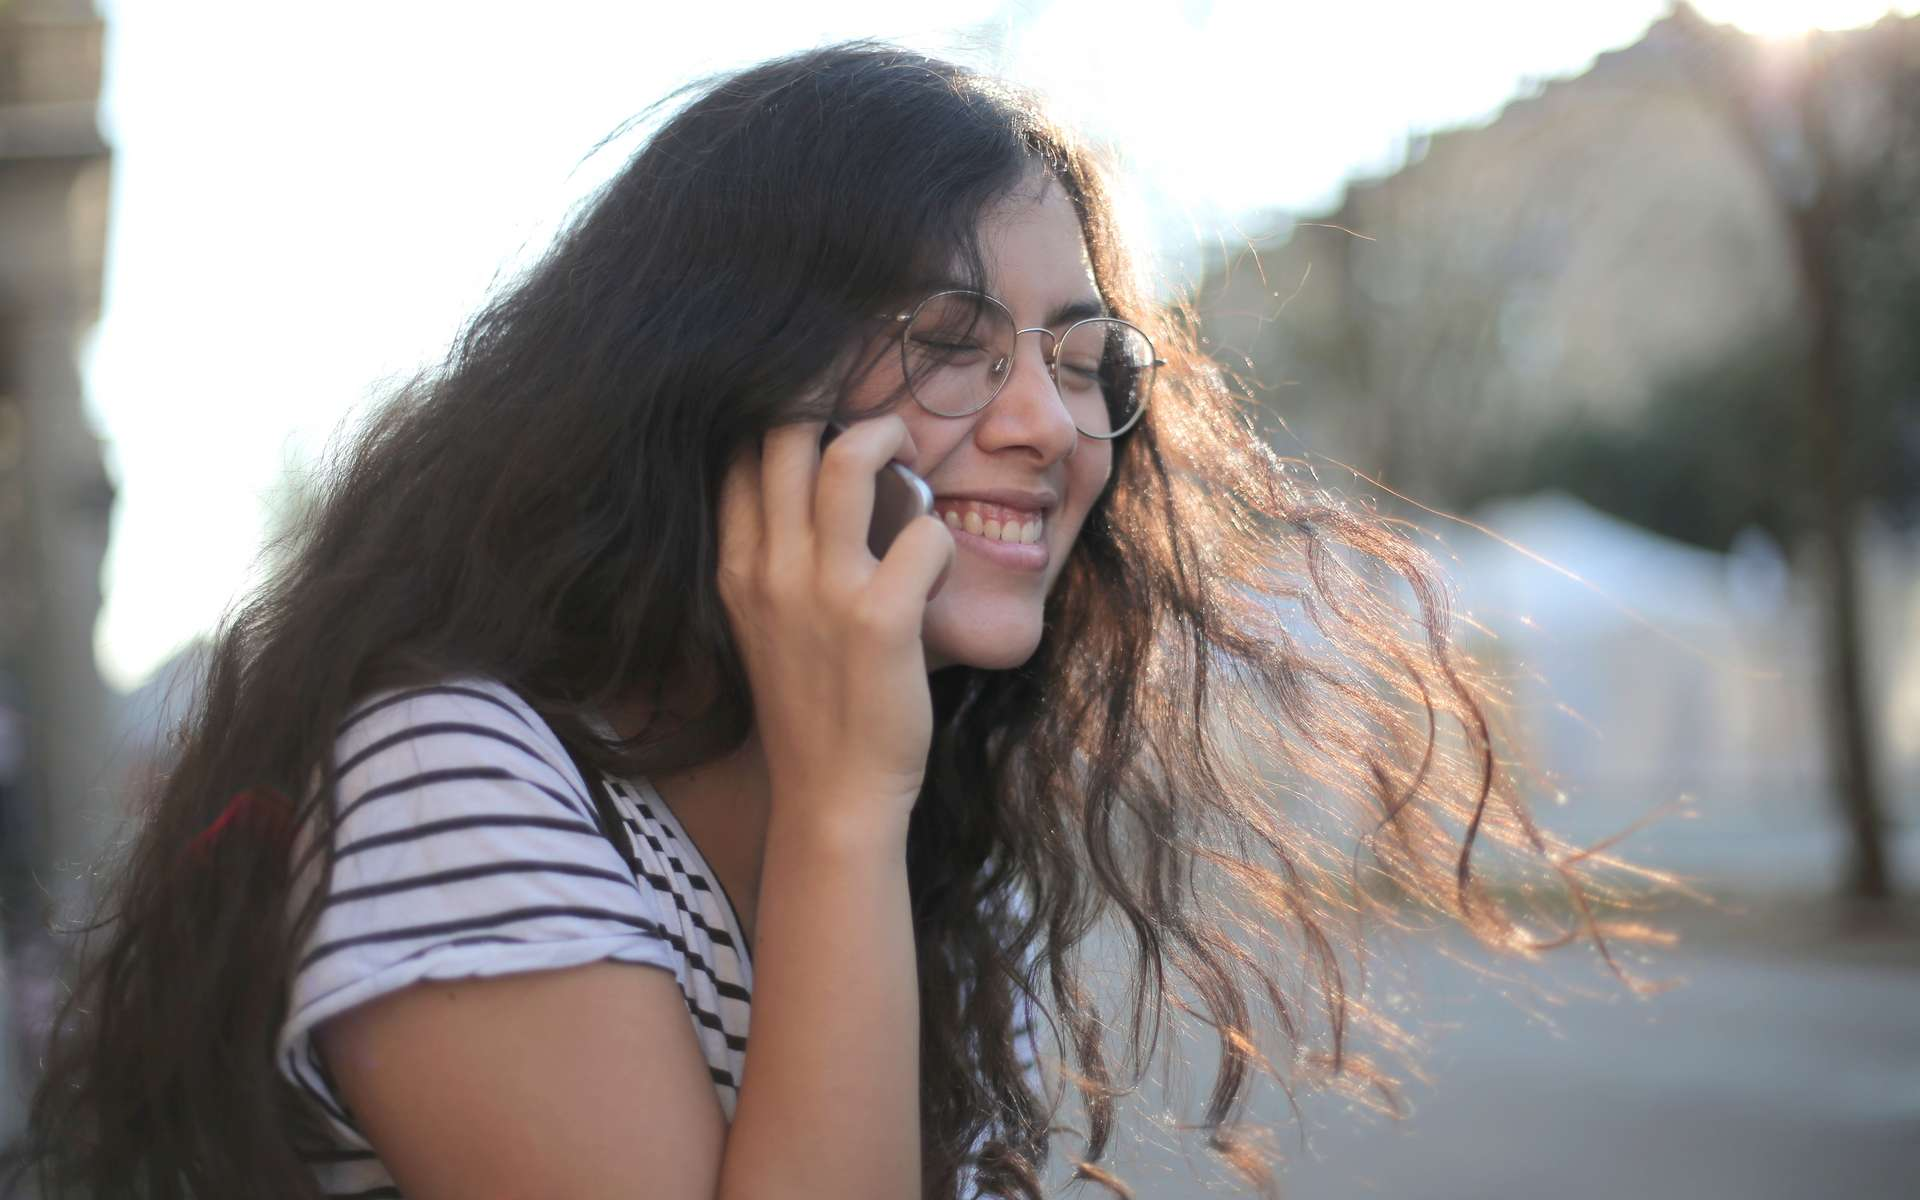 Bouygues Telecom casse les prix de ses forfaits sans engagement © Andrea Piacquadio, Pexels